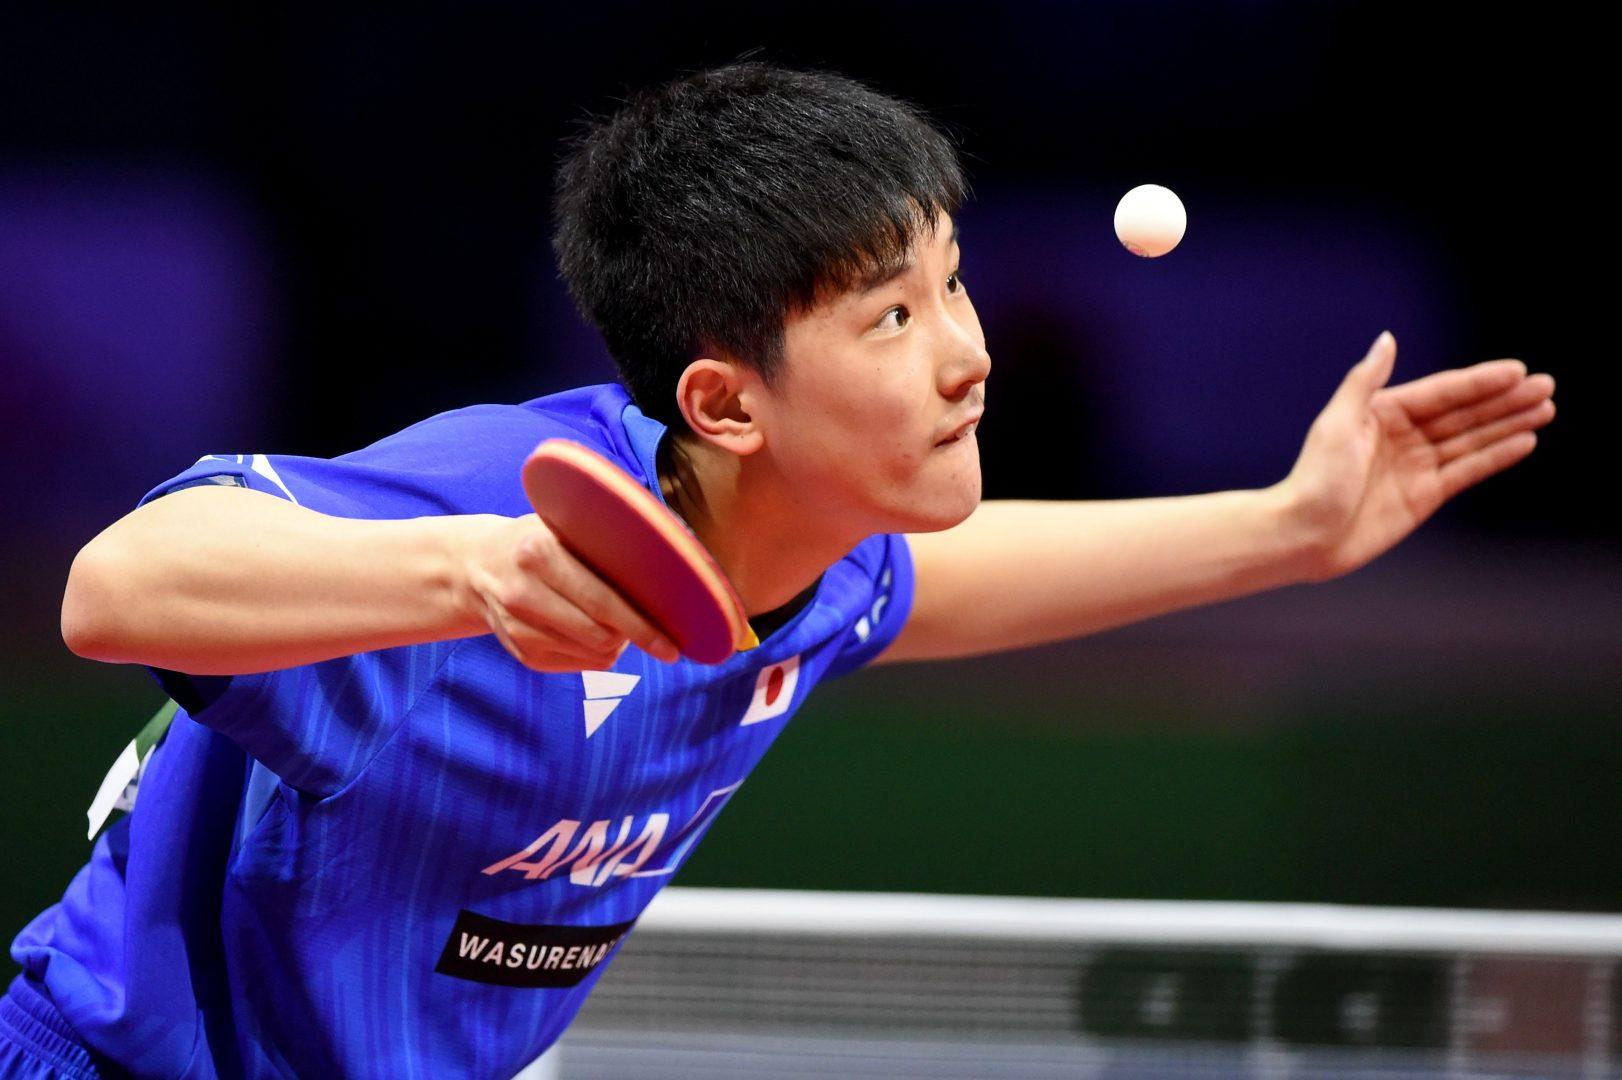 【卓球】張本智和、史上最年少のメダルに向けて初戦突破<世界卓球2019>